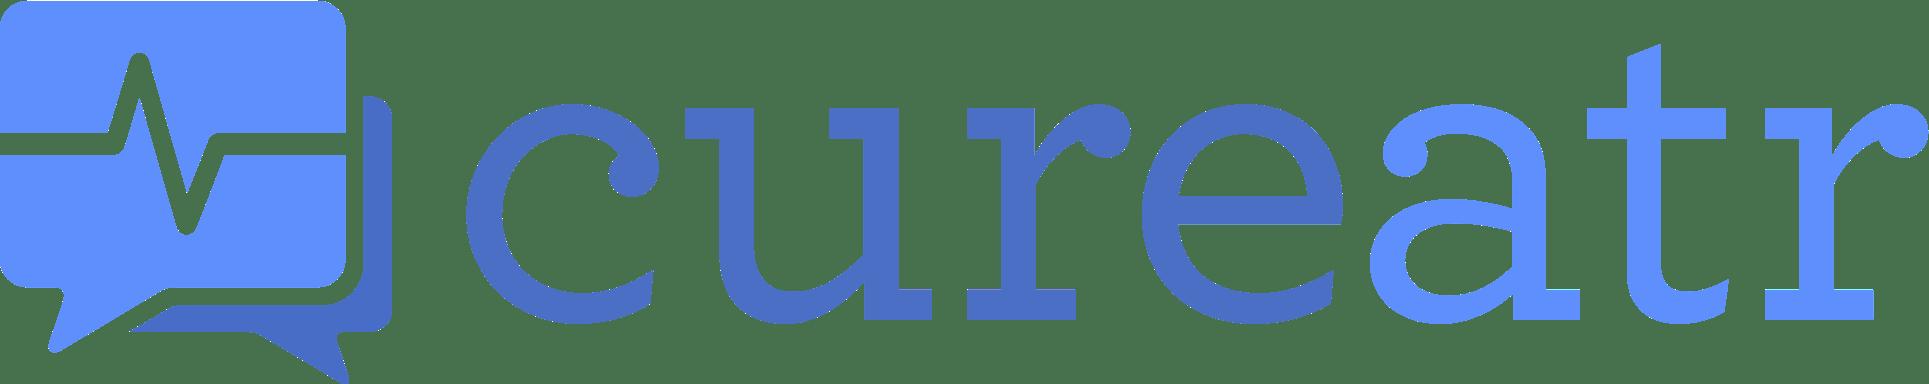 Cureatr company logo